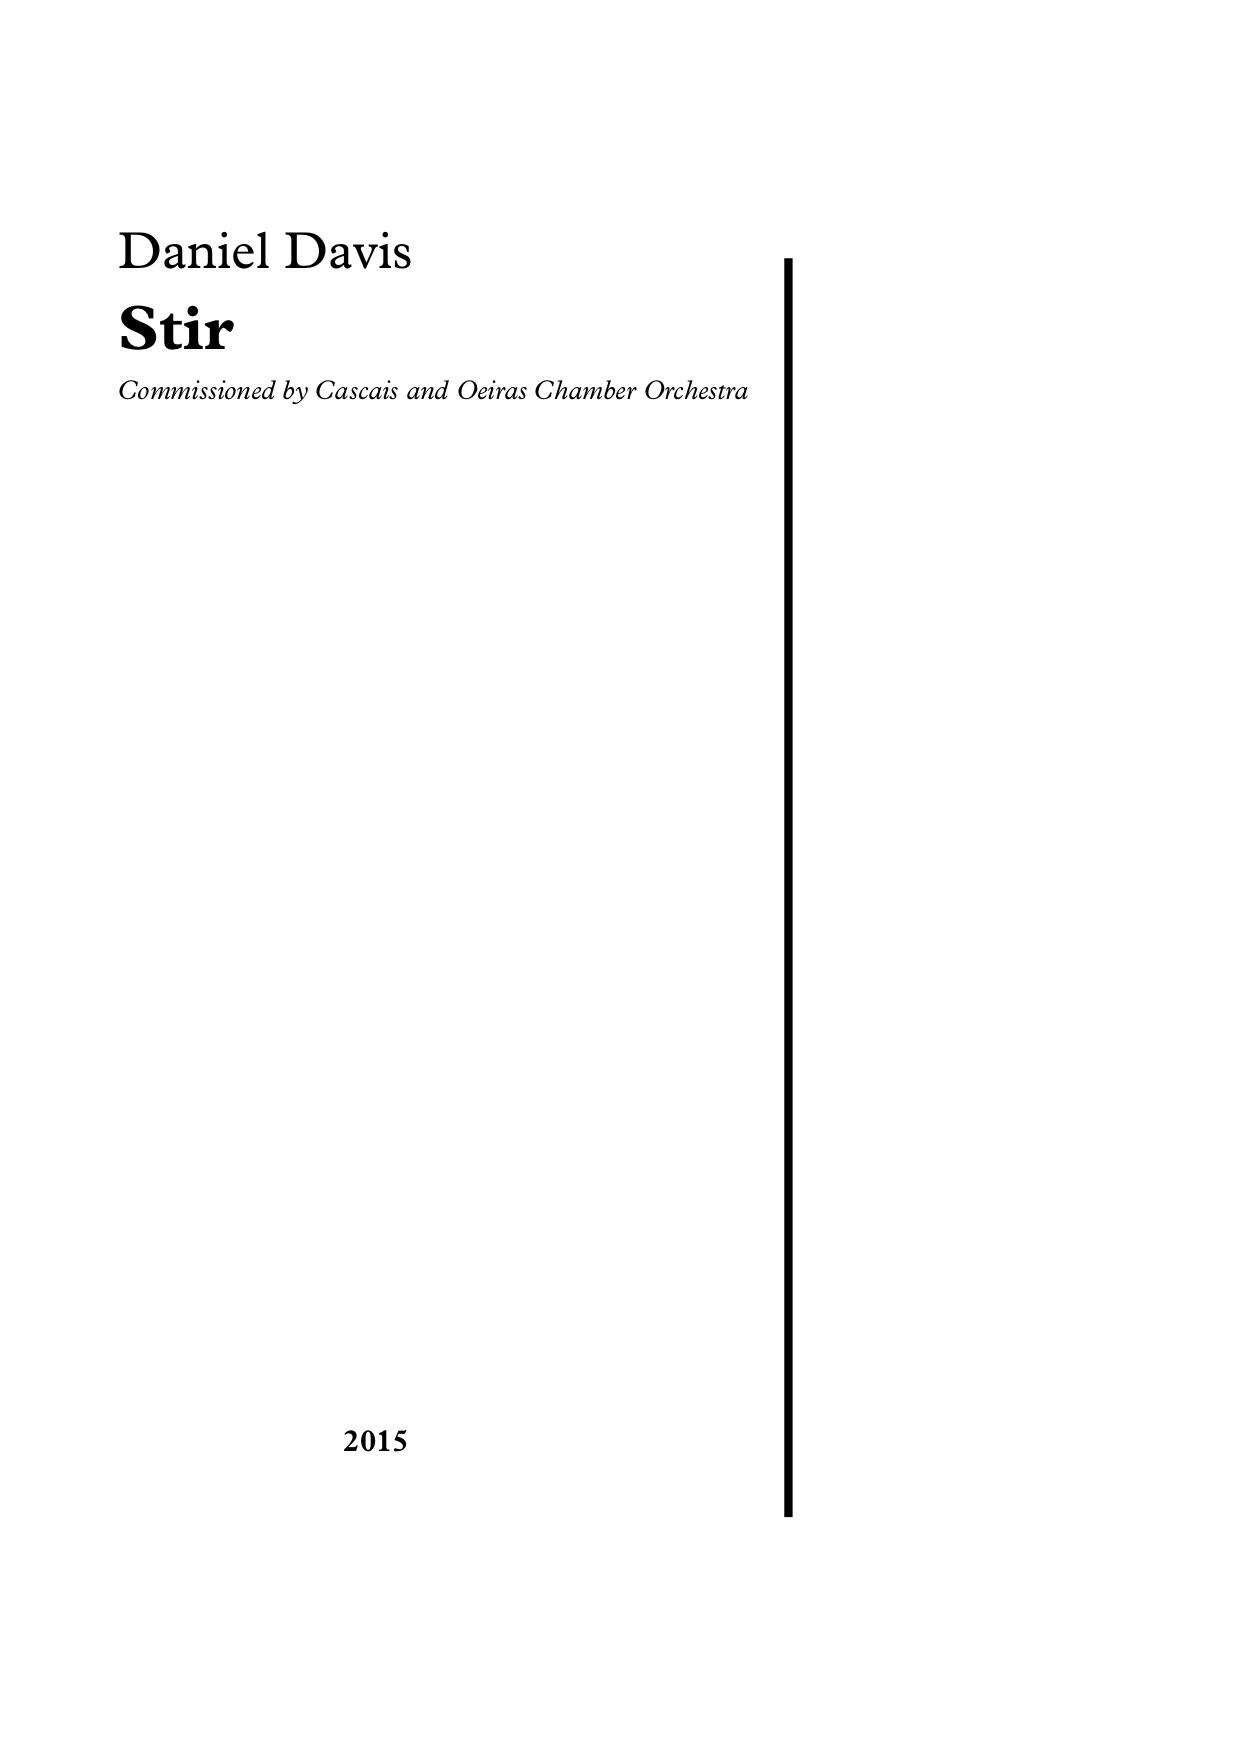 Stir (2015)